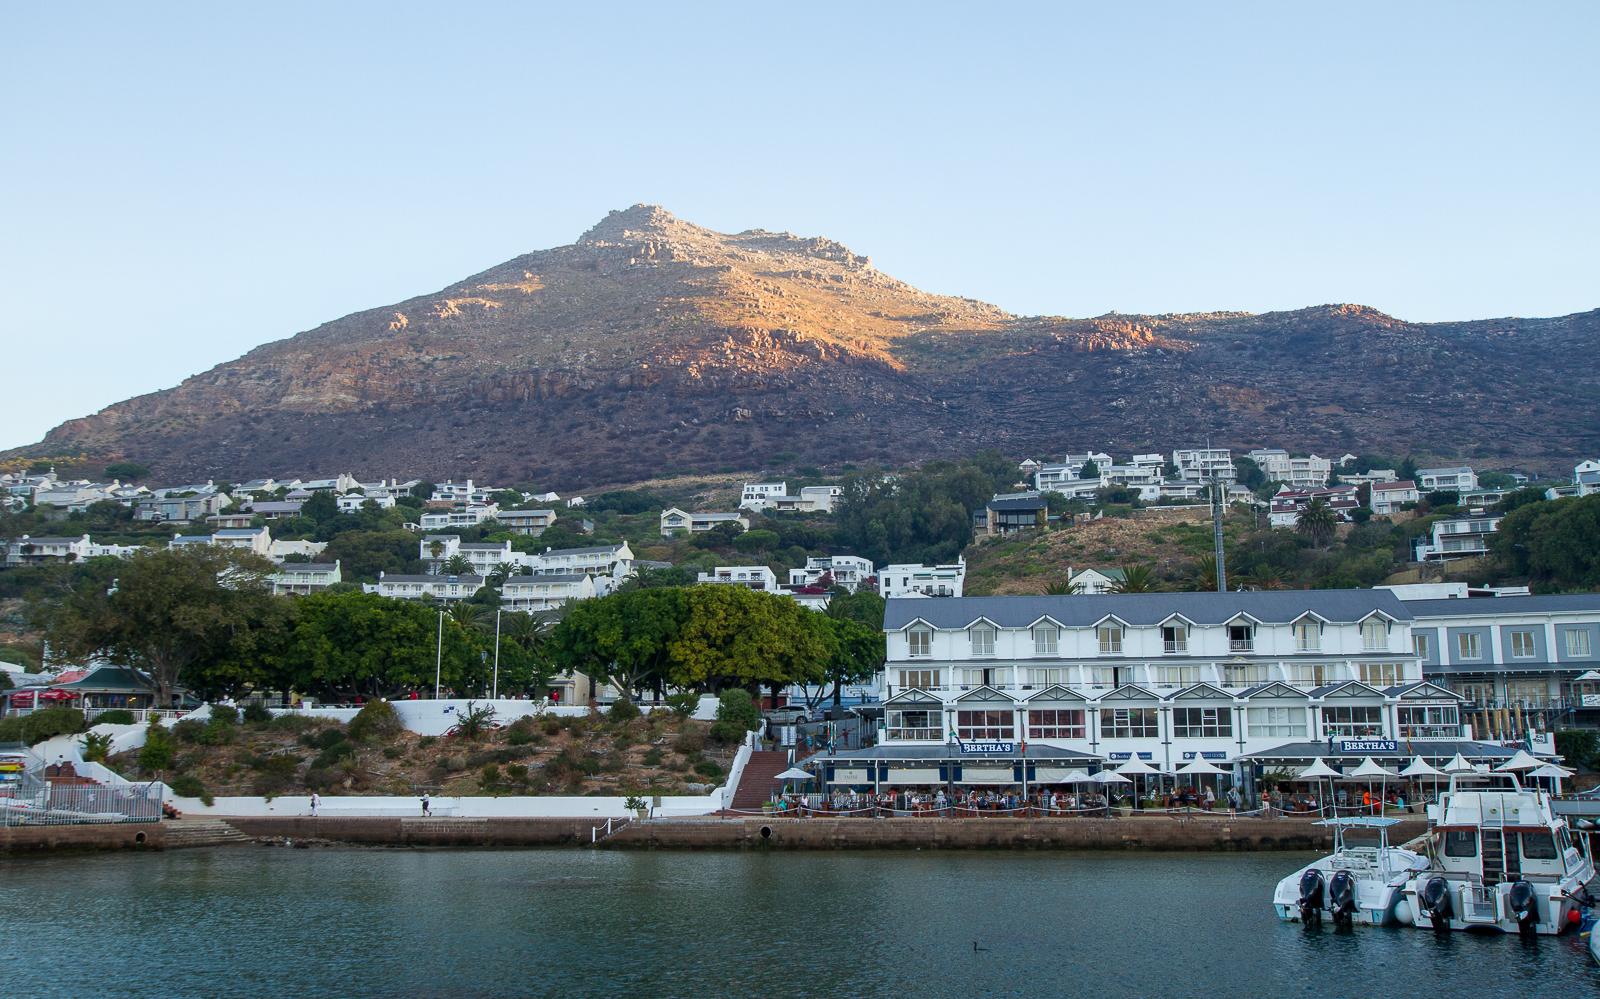 Bertha's Restaurant, Simon's Town, Afrique du Sud - Partis pour